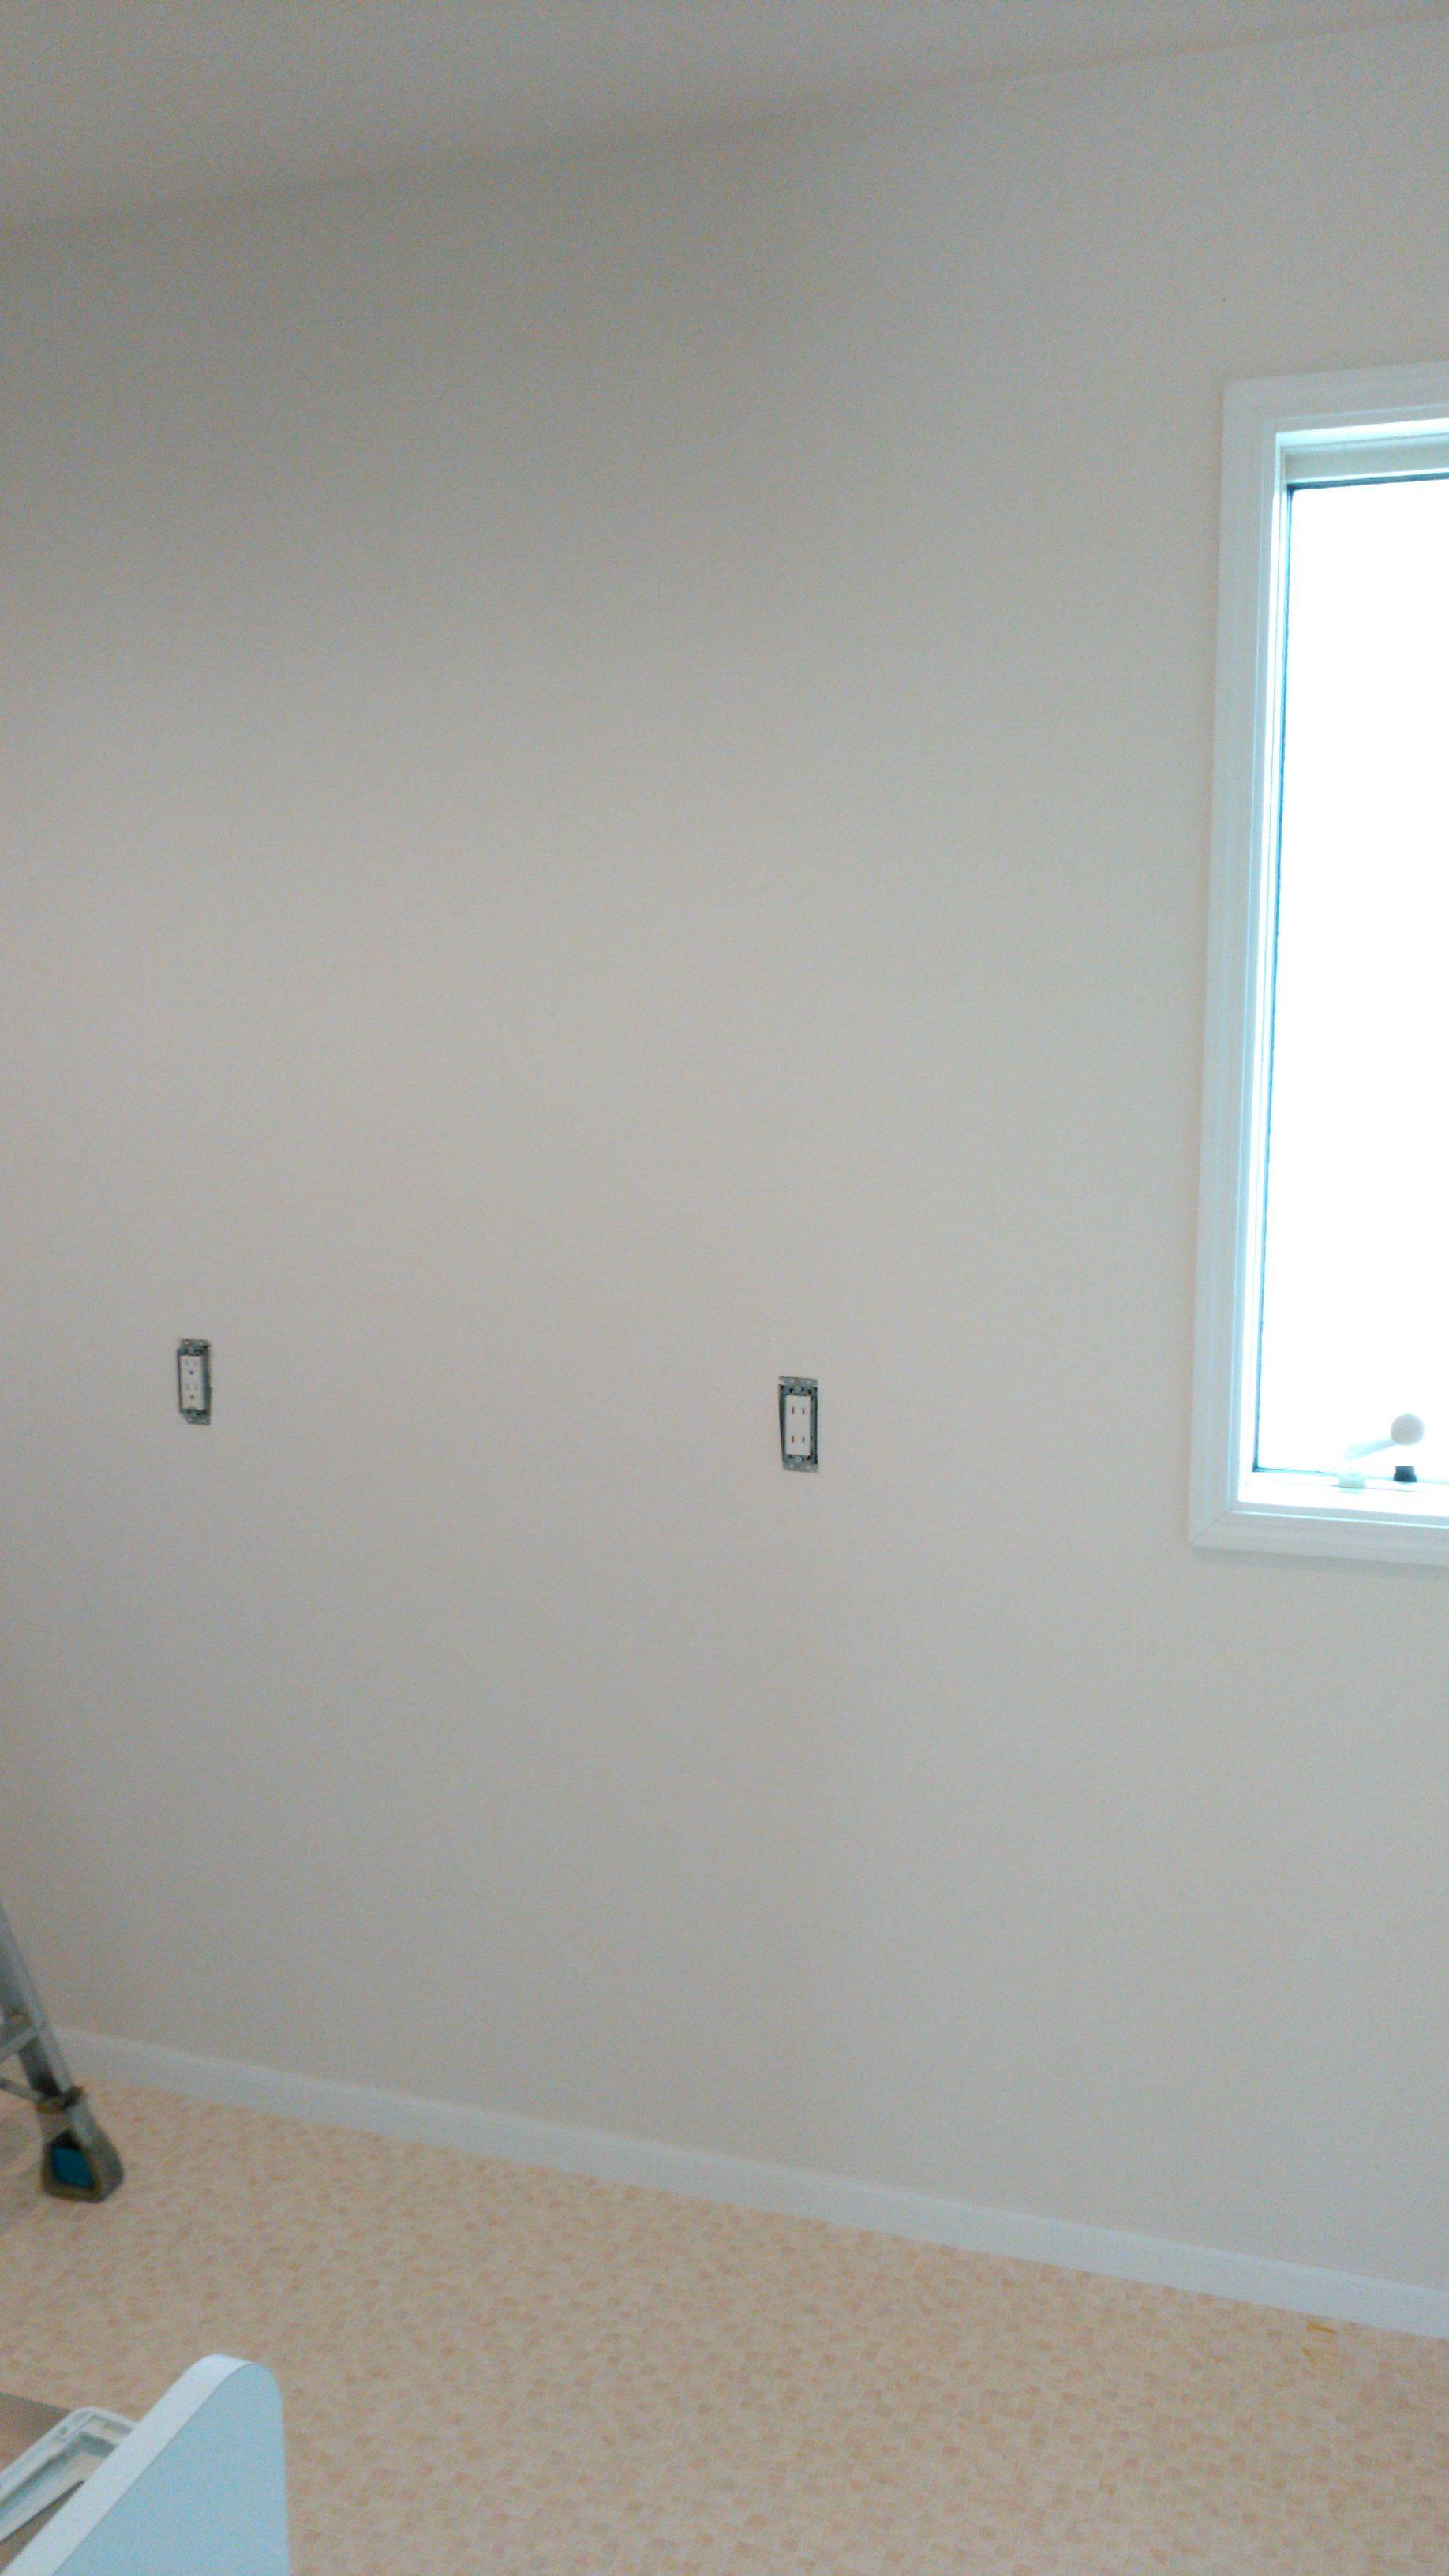 クロス張替 モリス正規販売店のブライト_c0157866_19041677.jpg